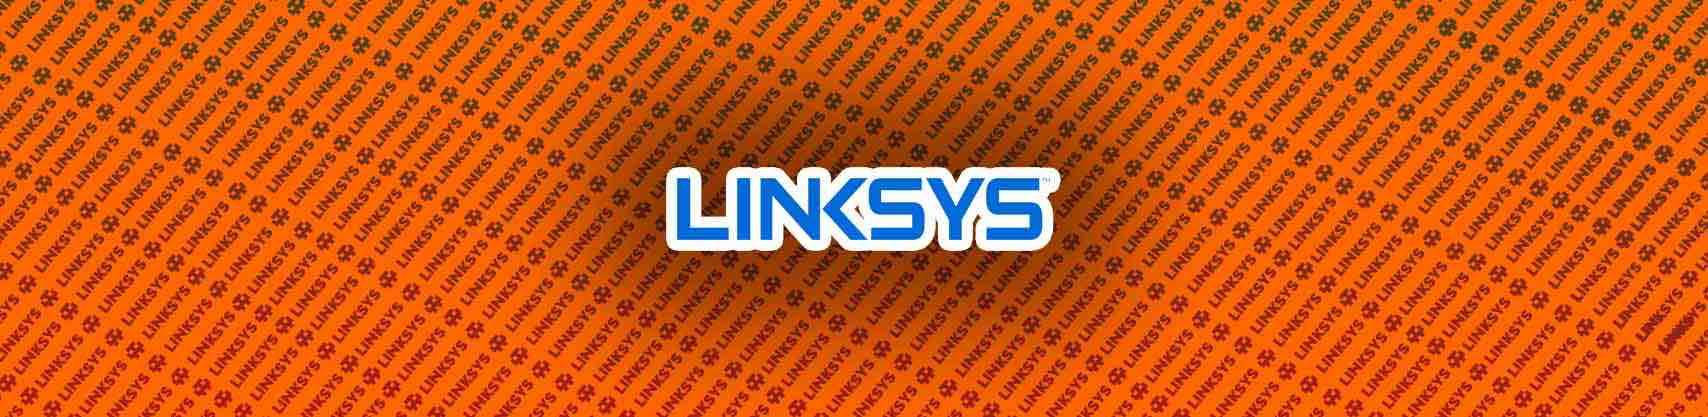 Linksys AC2600 Manual